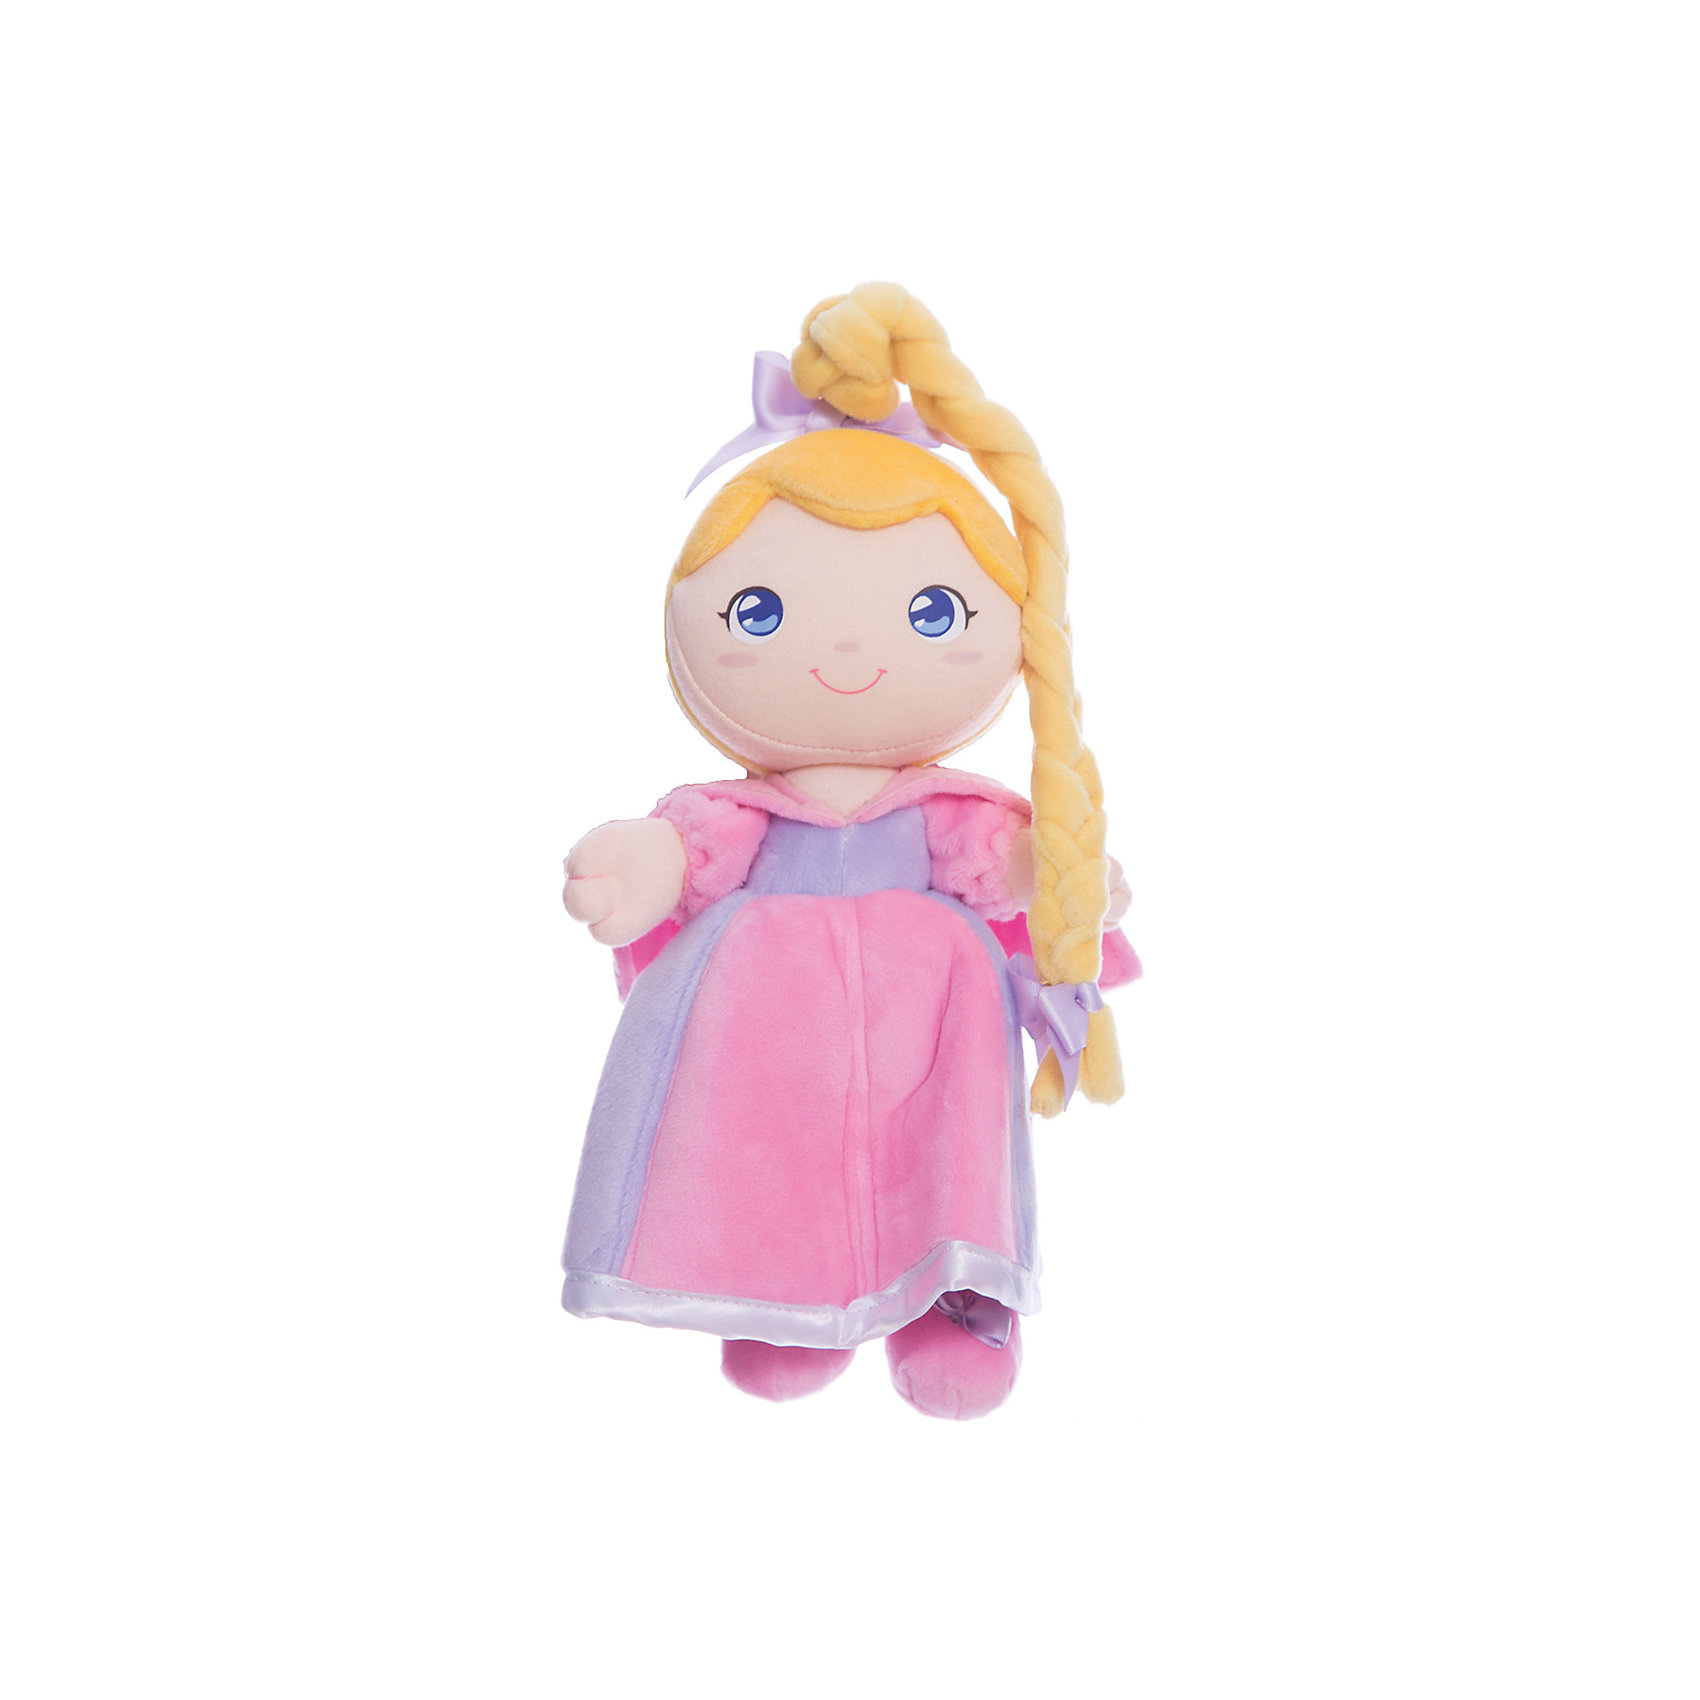 Мягкая кукла принцесса Роза, 24 см, TrudiКуклы<br>Характеристики товара:<br><br>• возраст с рождения;<br>• материал: плюш, текстиль, синтепон;<br>• высота игрушки 24 см;<br>• размер упаковки 26х19х12 см;<br>• вес упаковки 120 гр.;<br>• страна производитель Китай.<br><br>Мягкая кукла принцесса Роза Trudi — улыбающаяся принцесса с большими голубыми глазками и длинной косичкой. Роза одета в нежное розовое платье. В процессе игры девочка может придумывать с куколкой свои невероятные сюжеты и истории. Игрушка способствует развитию тактильных ощущений, воображения и фантазии. Кукла изготовлена из качественного материала, который не вызывает у детей аллергических реакций. Игрушку можно стирать в стиральной машине, она не выгорает и сохраняет форму.<br><br>Мягкую куклу принцесса Роза Trudi можно приобрести в нашем интернет-магазине.<br><br>Ширина мм: 260<br>Глубина мм: 190<br>Высота мм: 120<br>Вес г: 120<br>Возраст от месяцев: -2147483648<br>Возраст до месяцев: 2147483647<br>Пол: Женский<br>Возраст: Детский<br>SKU: 5578414